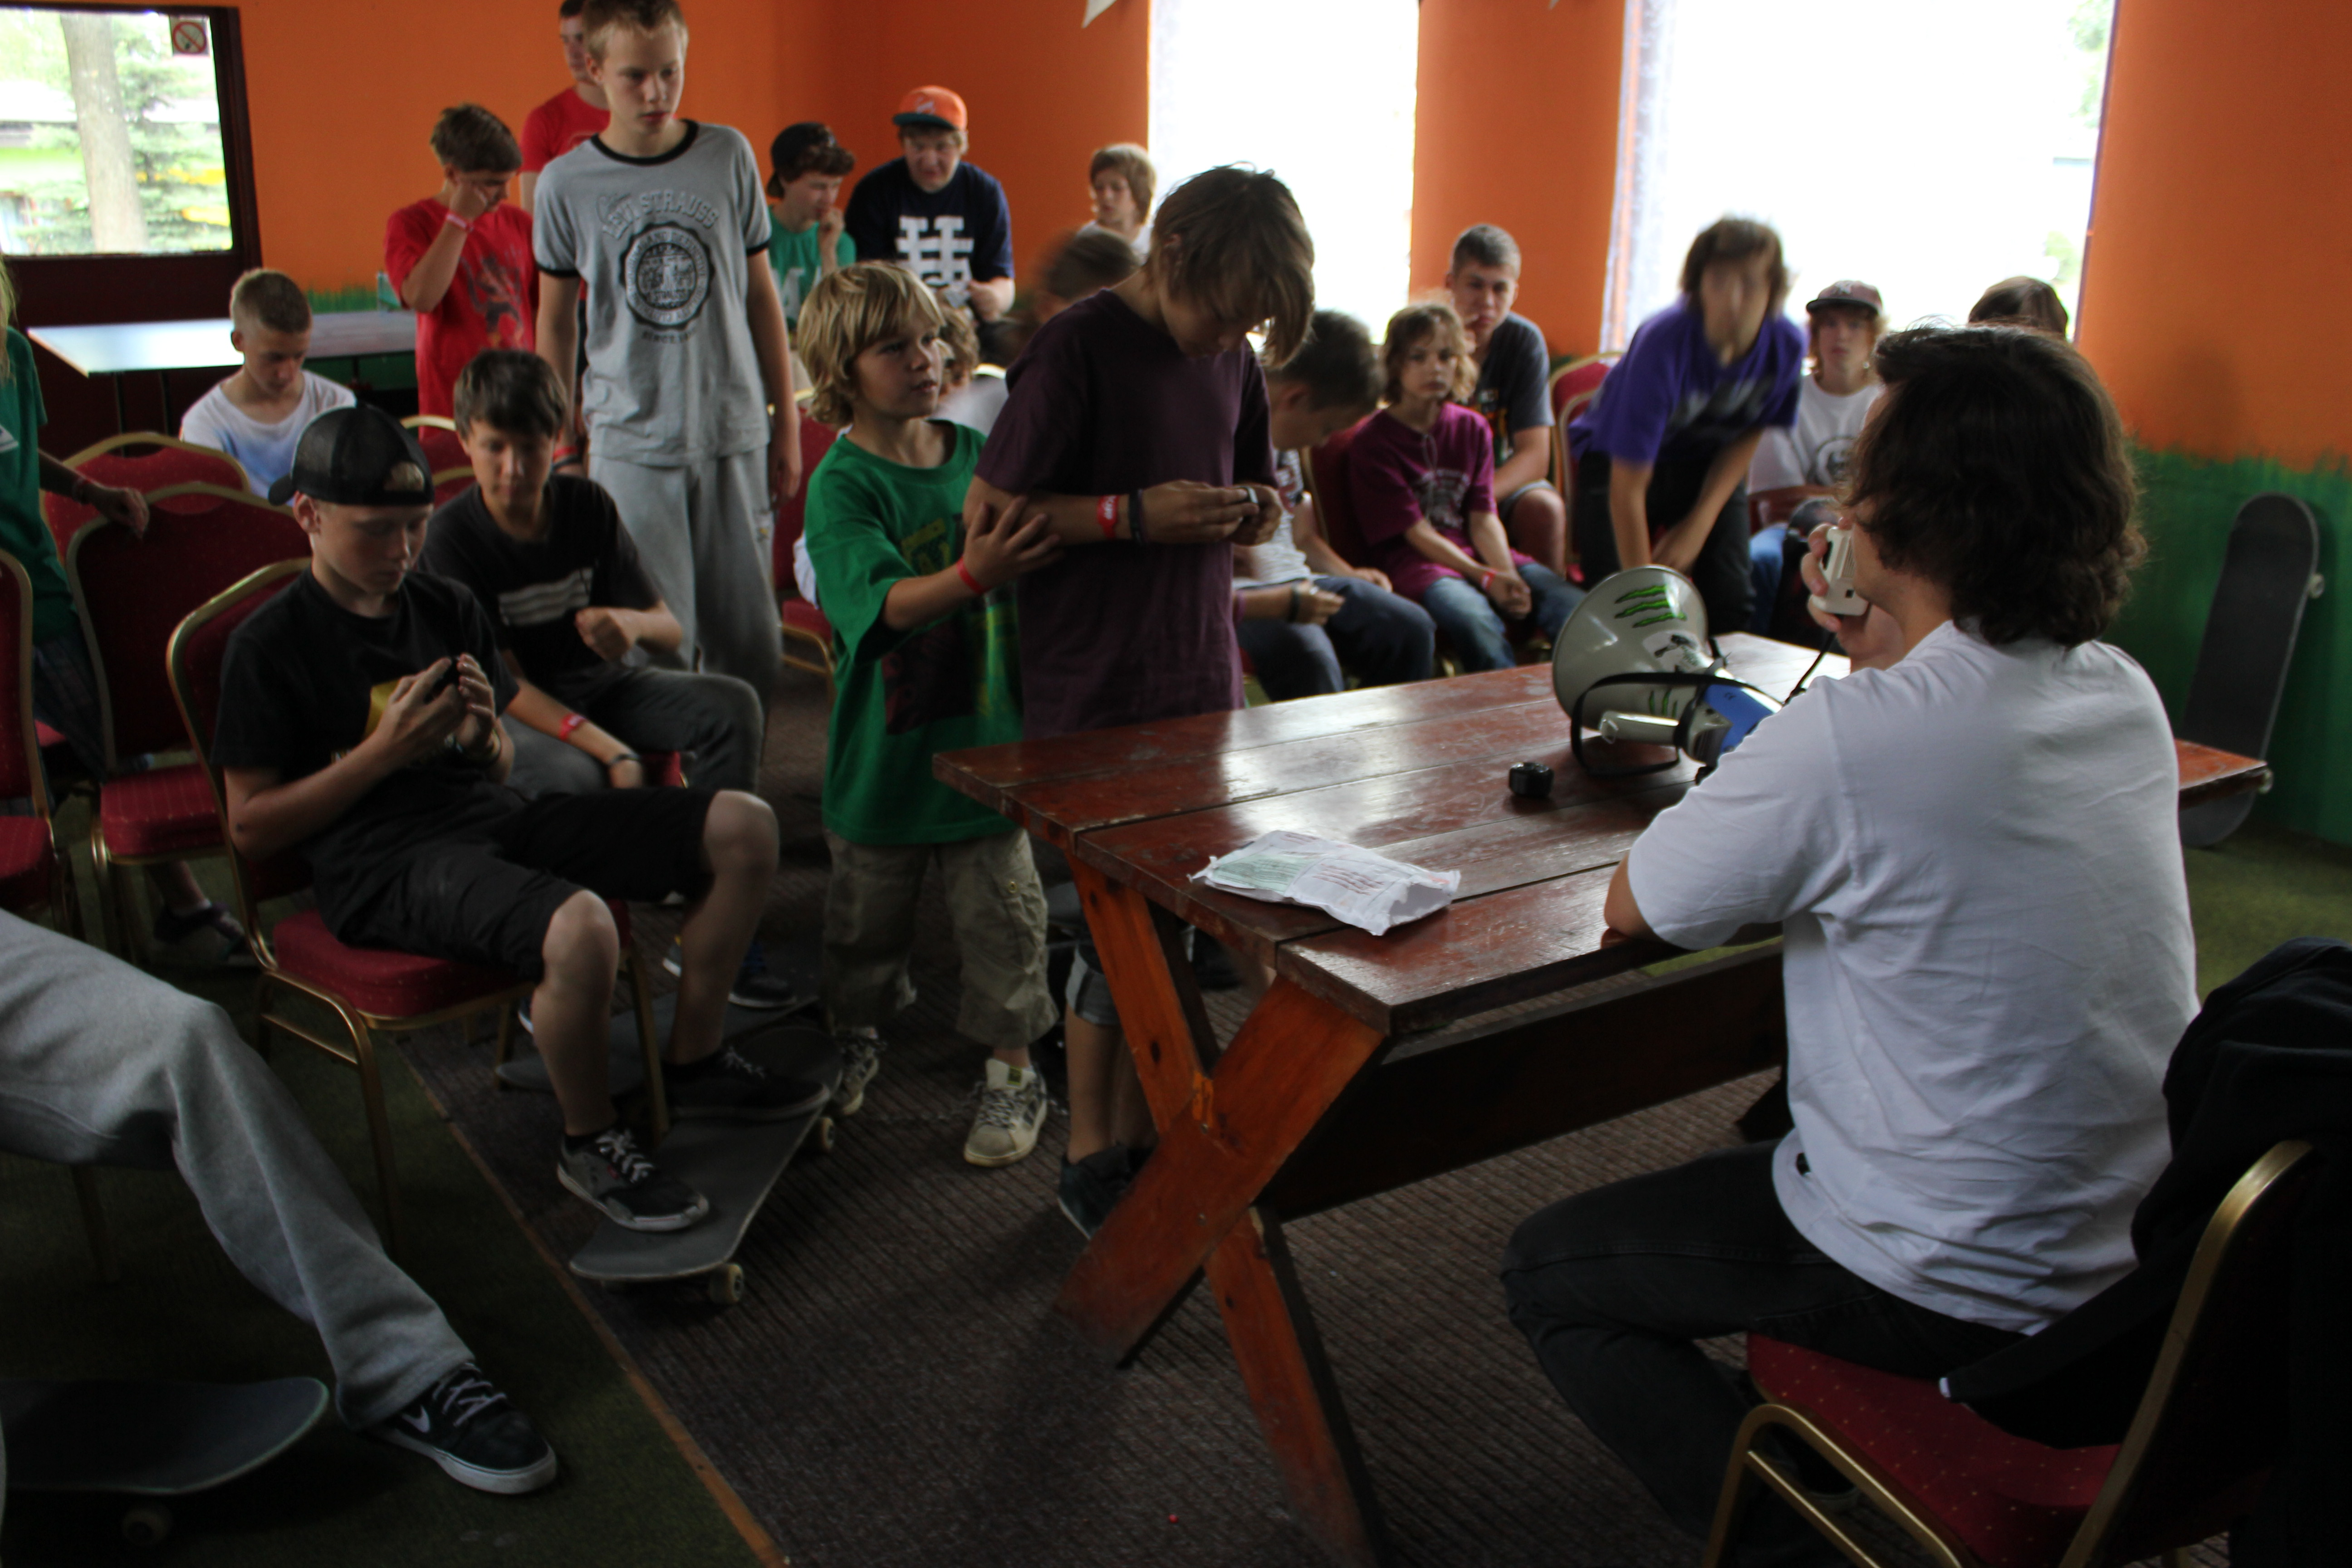 Tradycyjnie zorganizowaliśmy wykłady na temat sprzętu deskorolkowego.